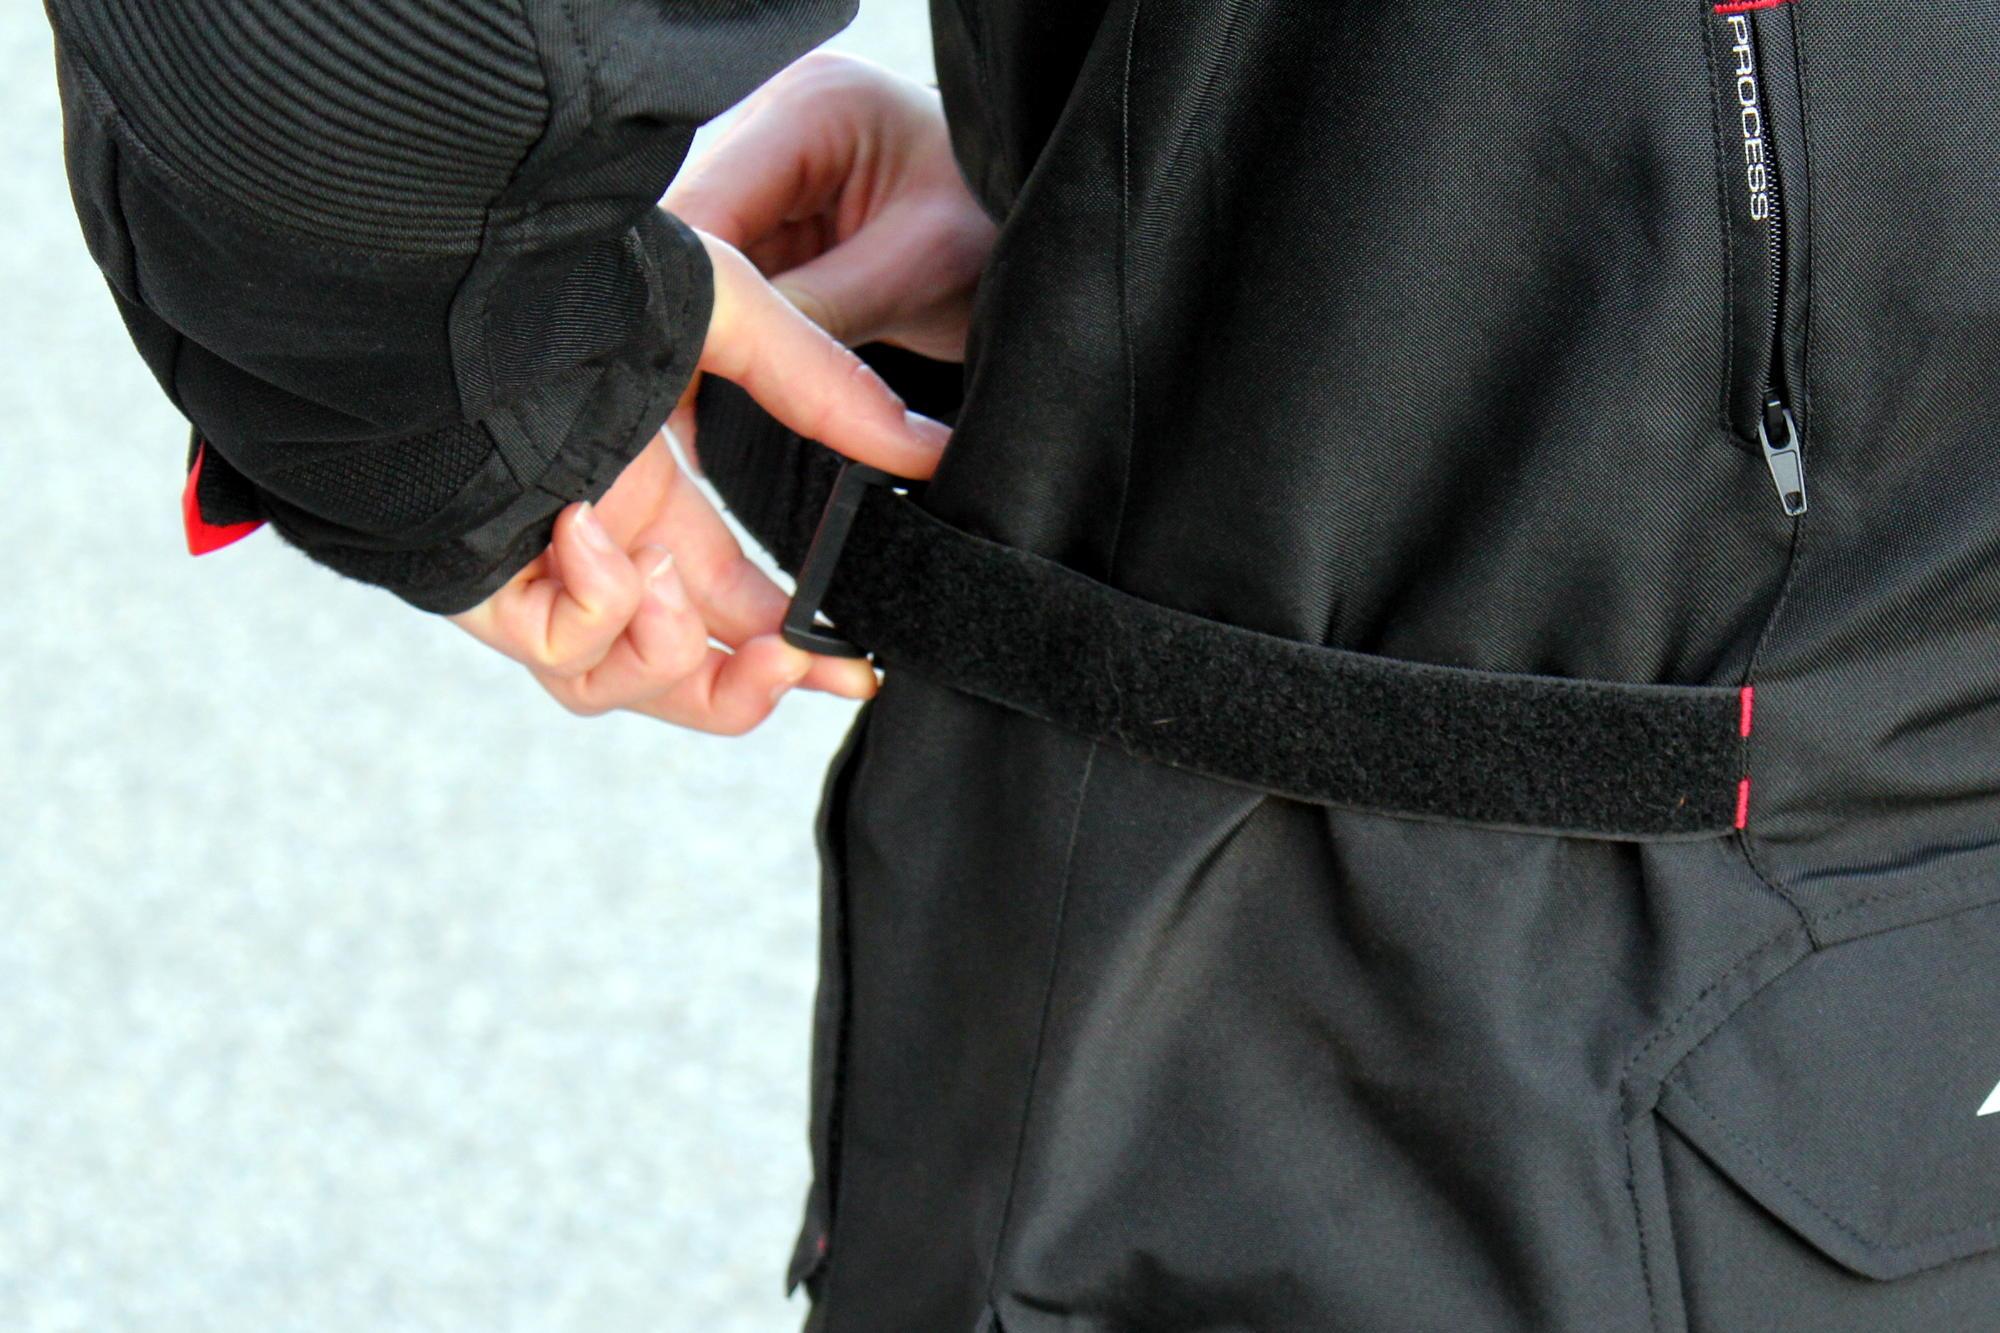 El ajuste de la cintura resultó muy fácil de utilizar y fiable ¡Viva el velcro!